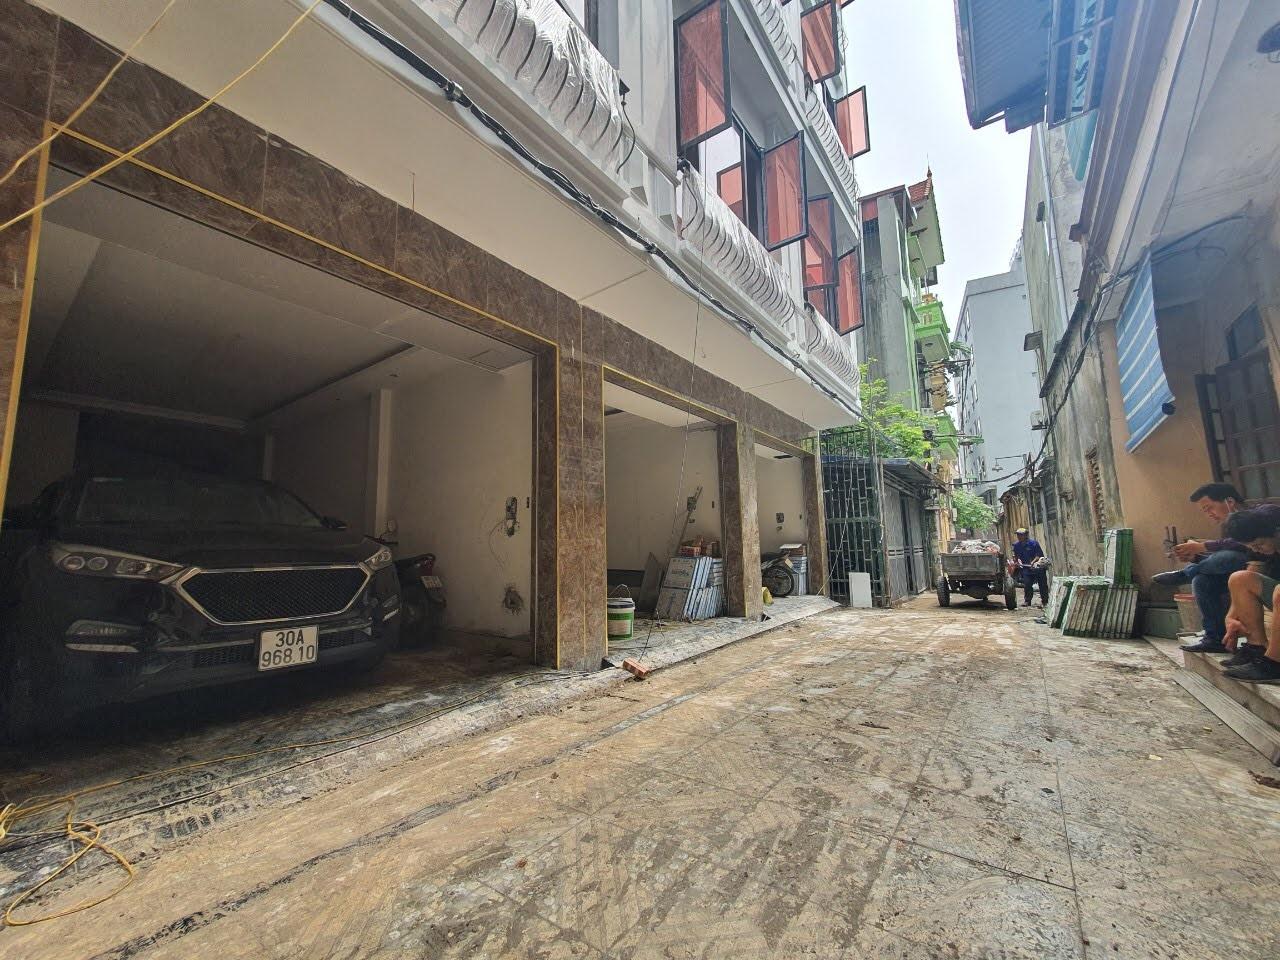 Bán Nhà DiTrạch-Ô tô đỗ trước nhà,38m 4Tầng đường rộng view thoáng nhỉnh 2tỷ